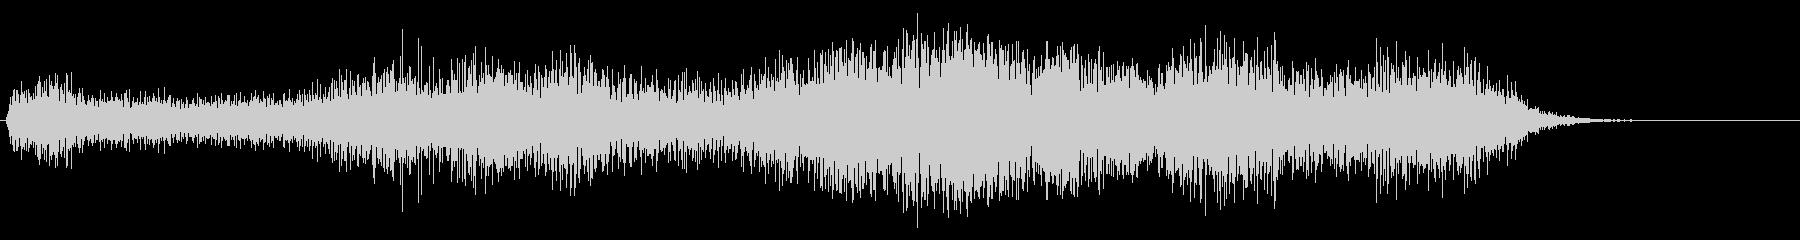 光線、レーザー、ビーム(シャー/ピャー)の未再生の波形